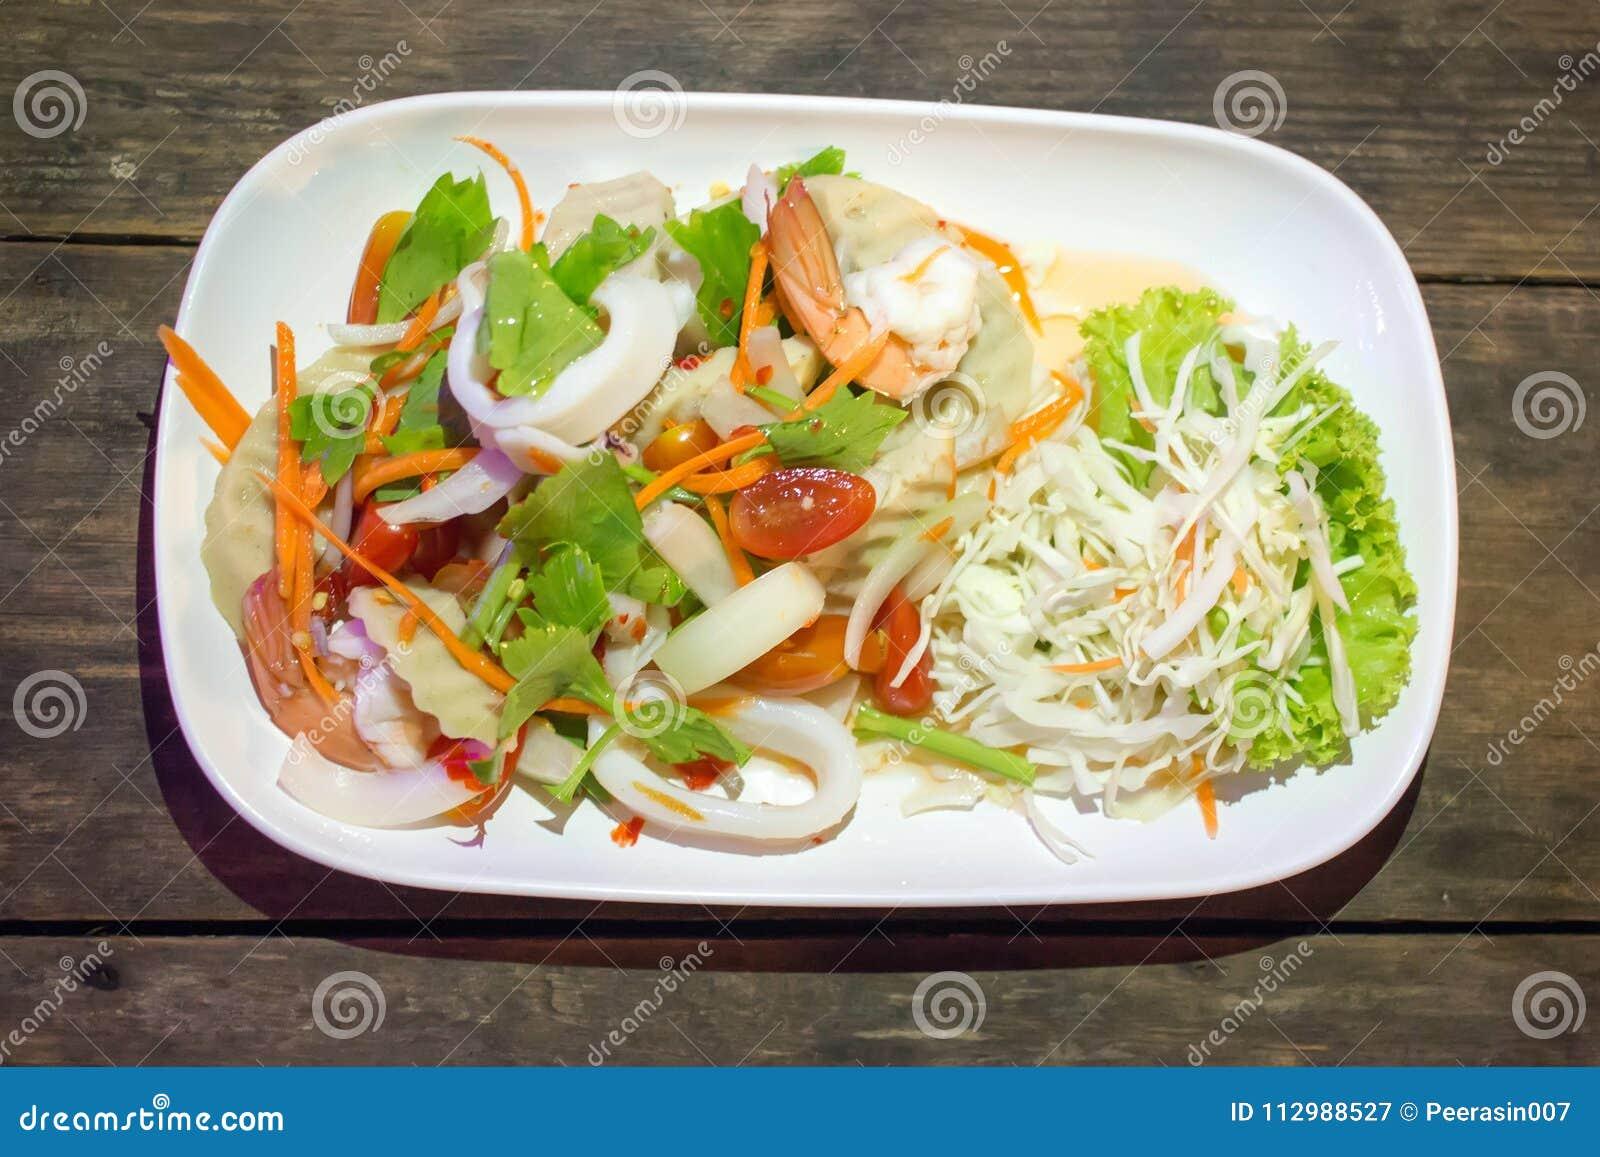 Yum seafood in a Thai restaurant